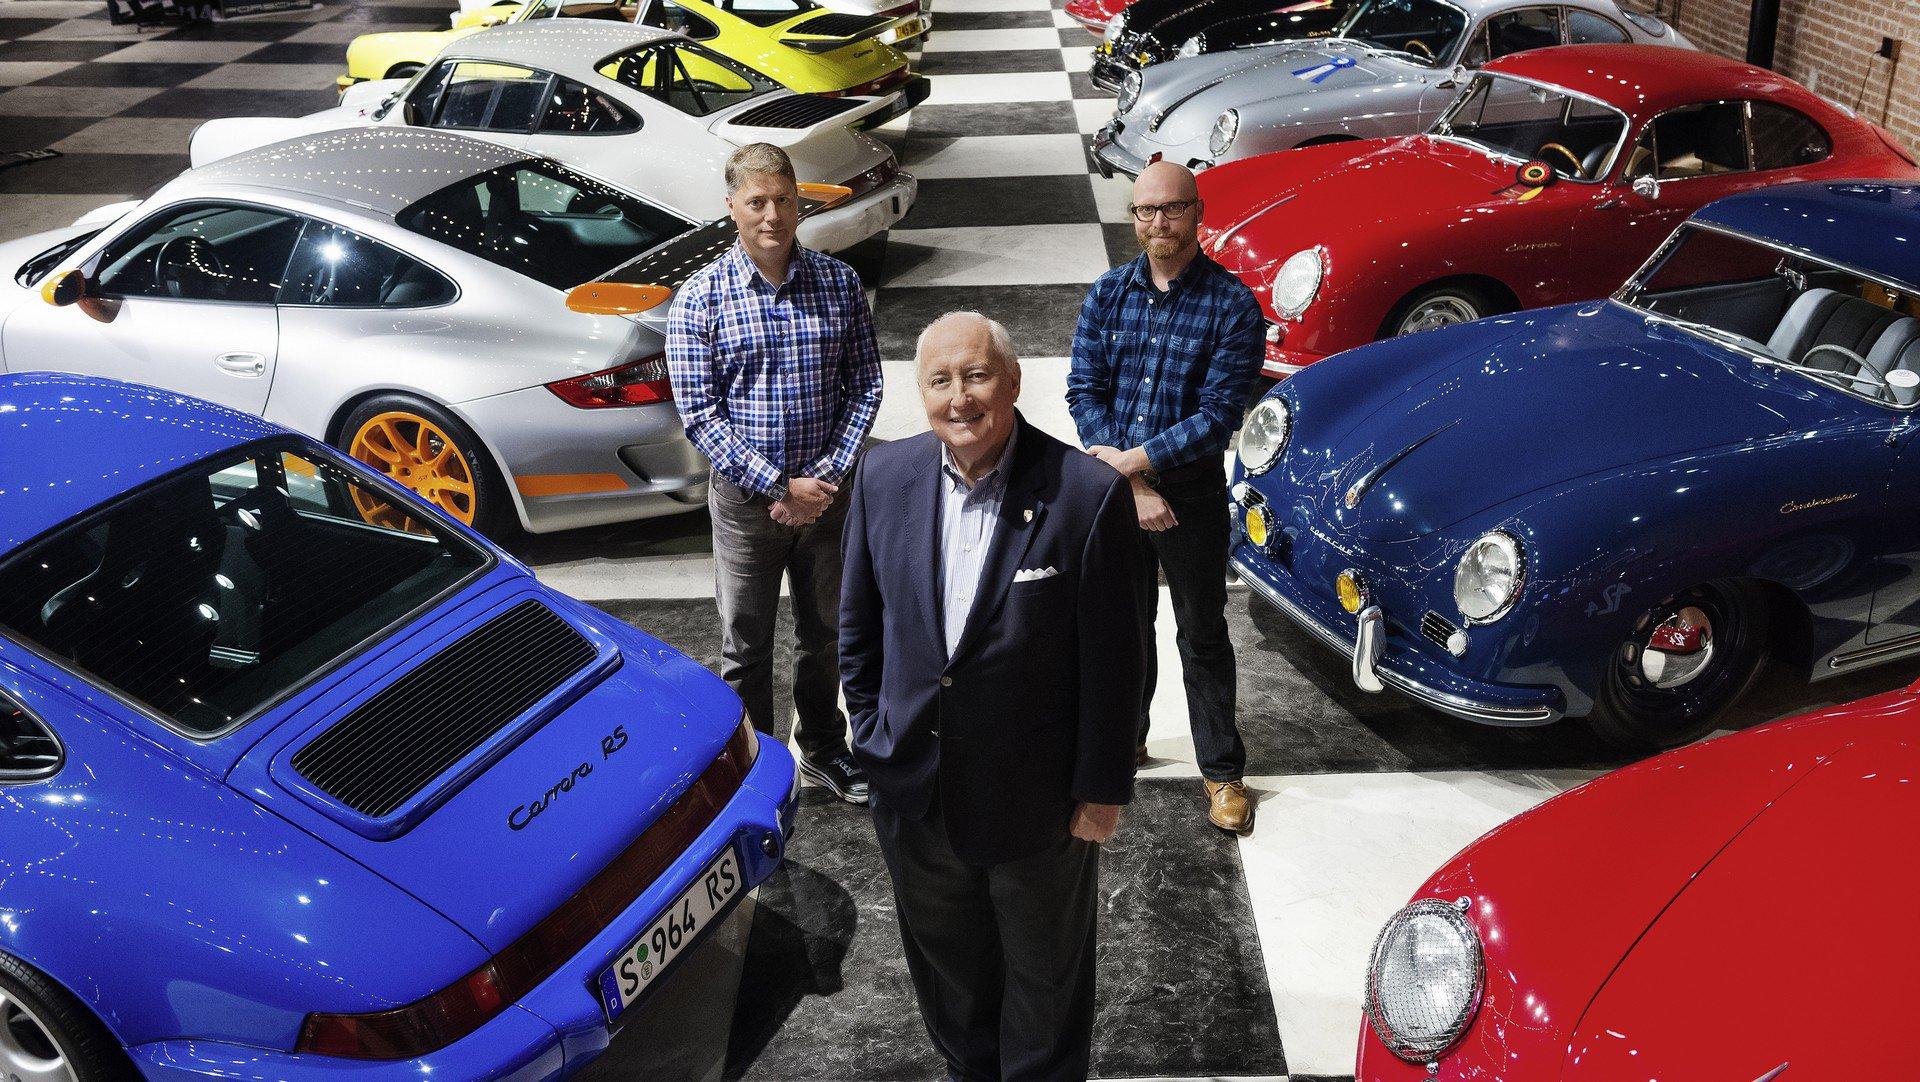 Взрыв газа уничтожил целую коллекцию редких Porsche